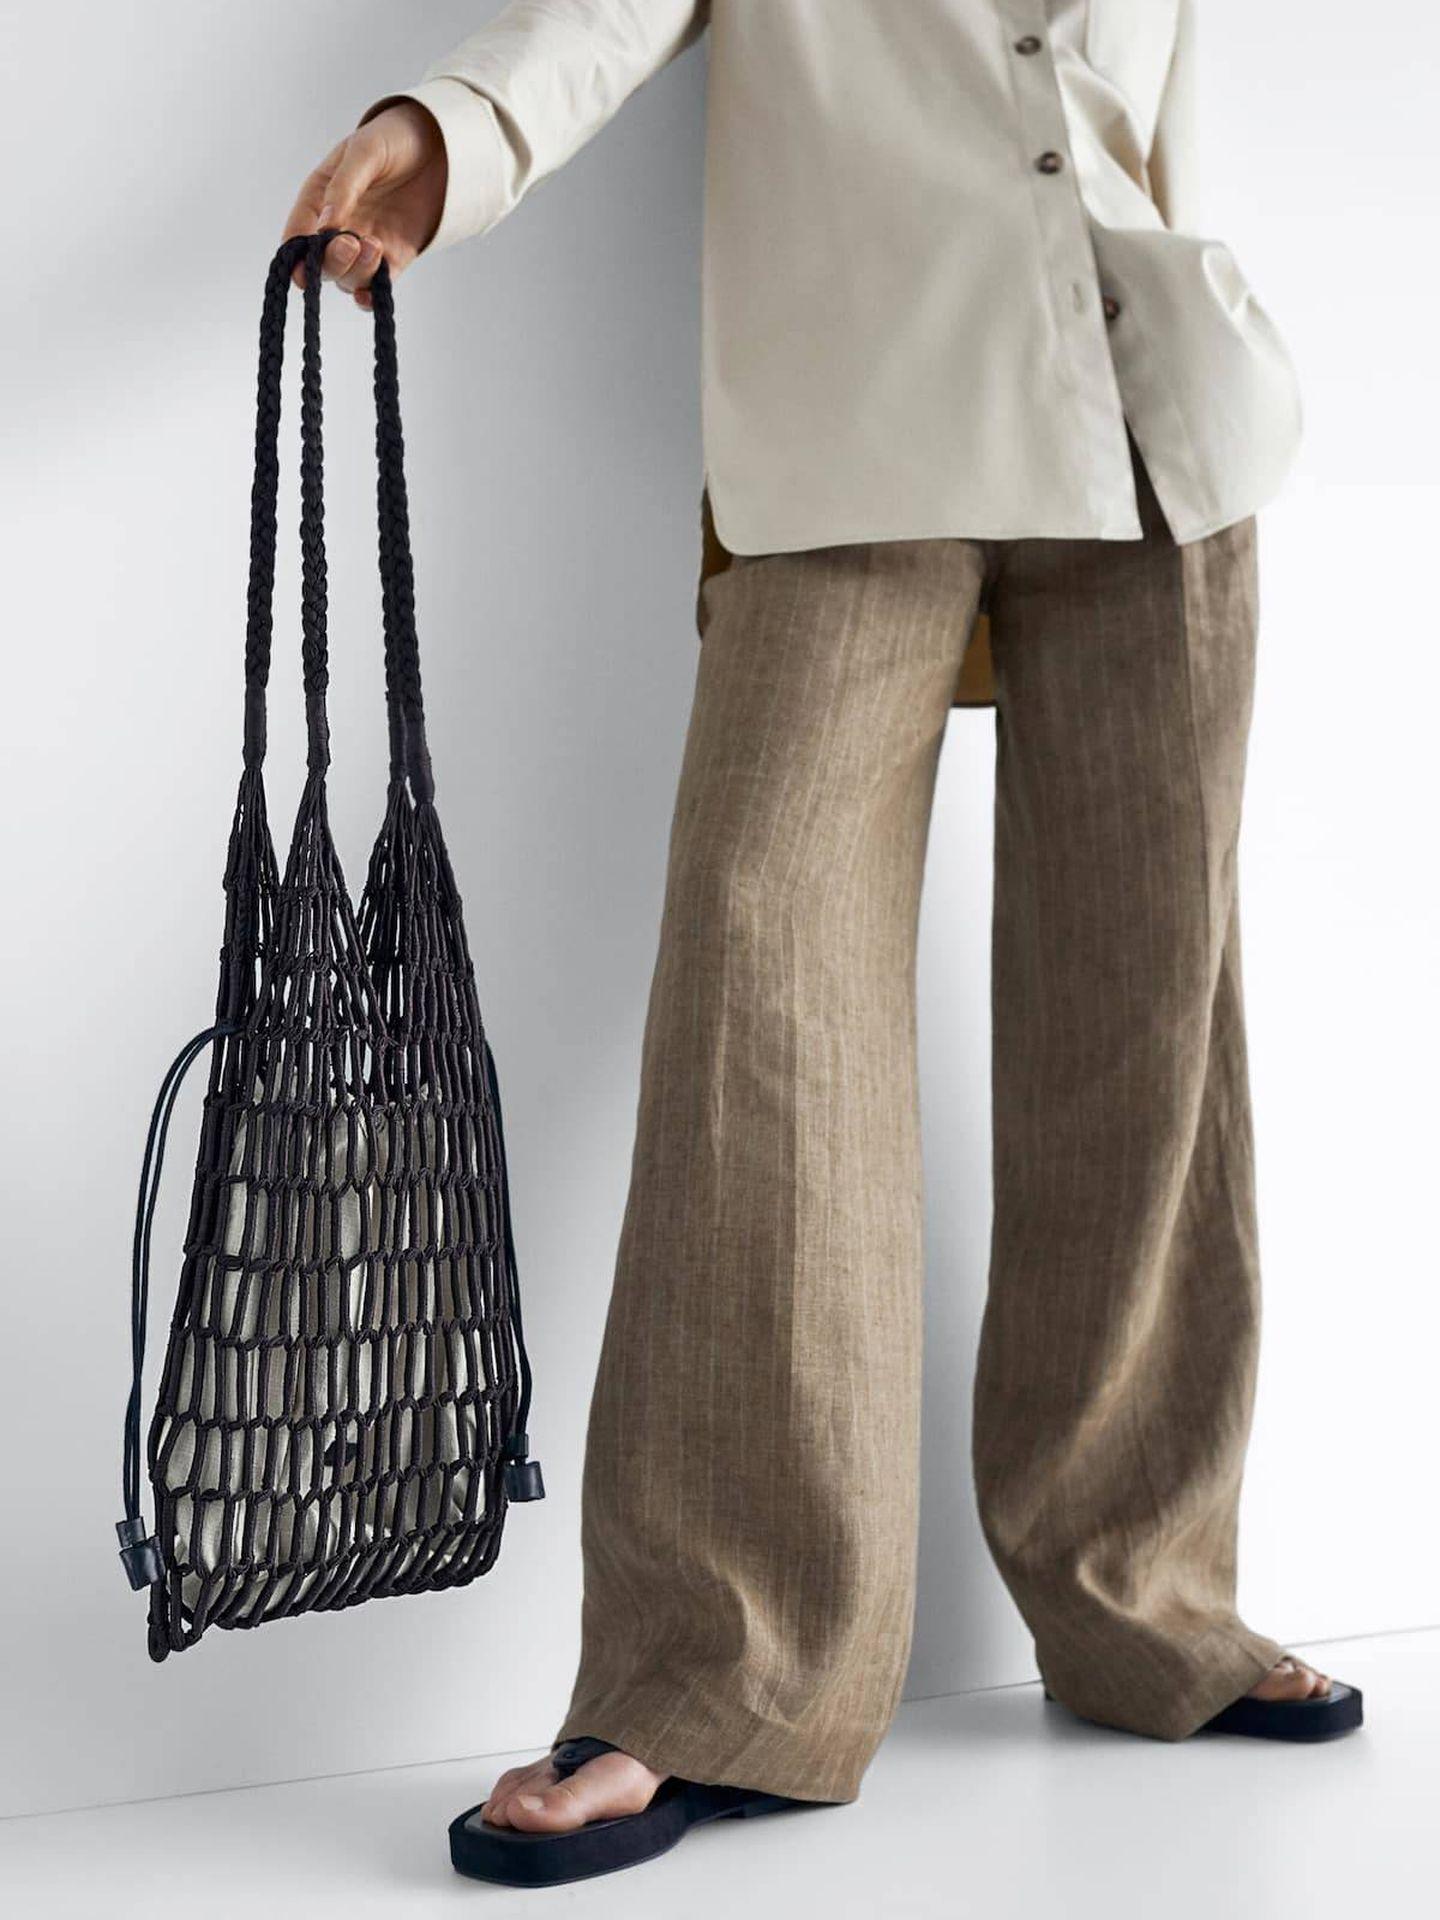 El nuevo bolso de Massimo Dutti. (Cortesía)